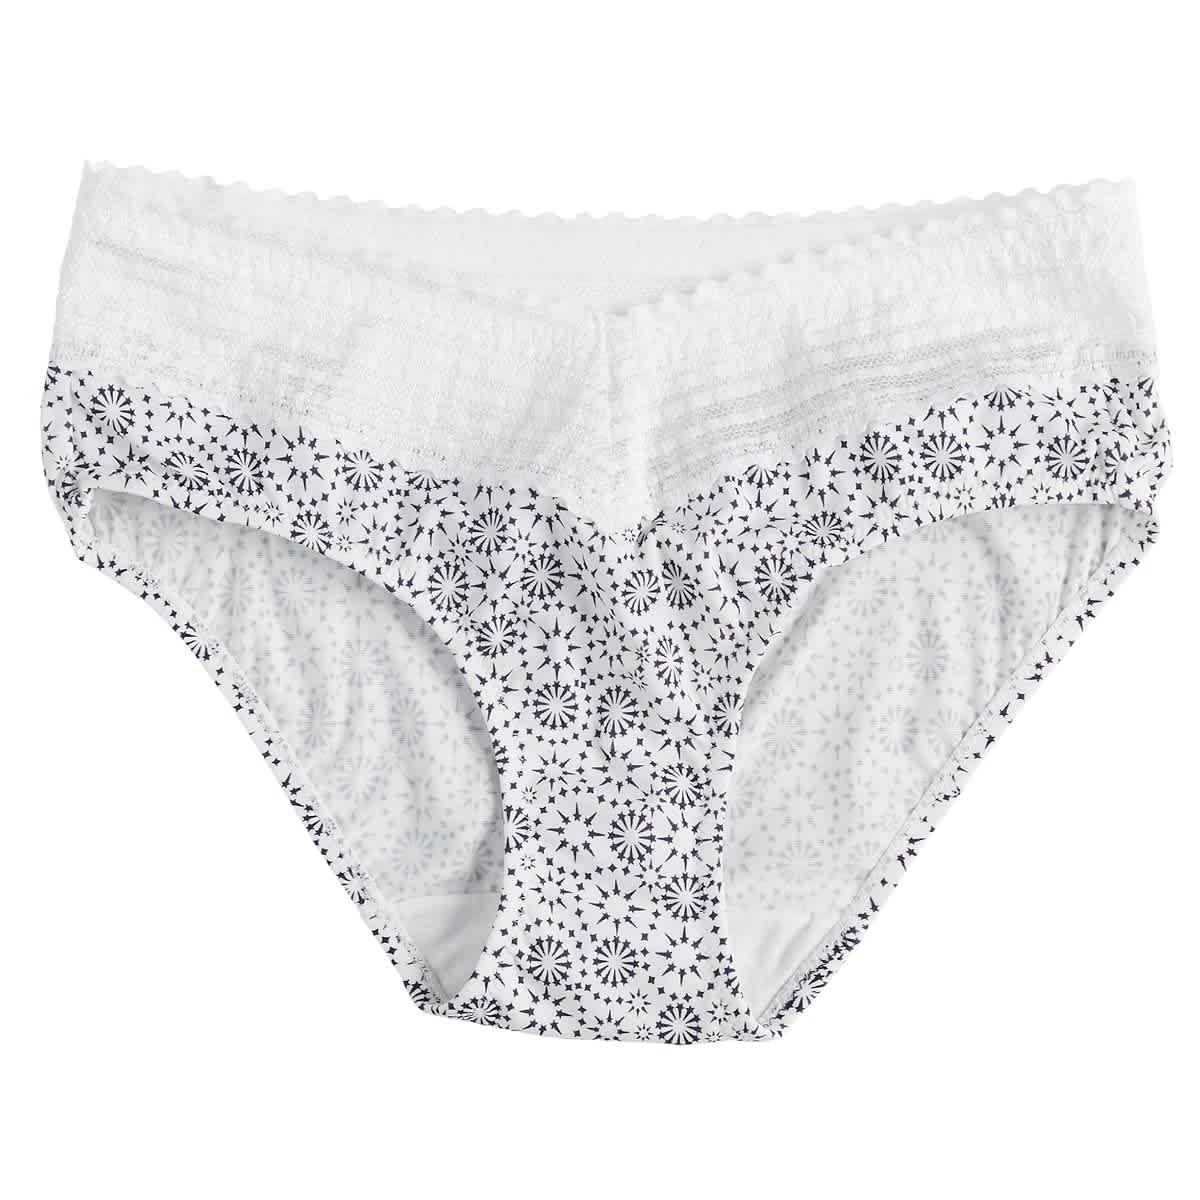 Women's Panties at Kohl's